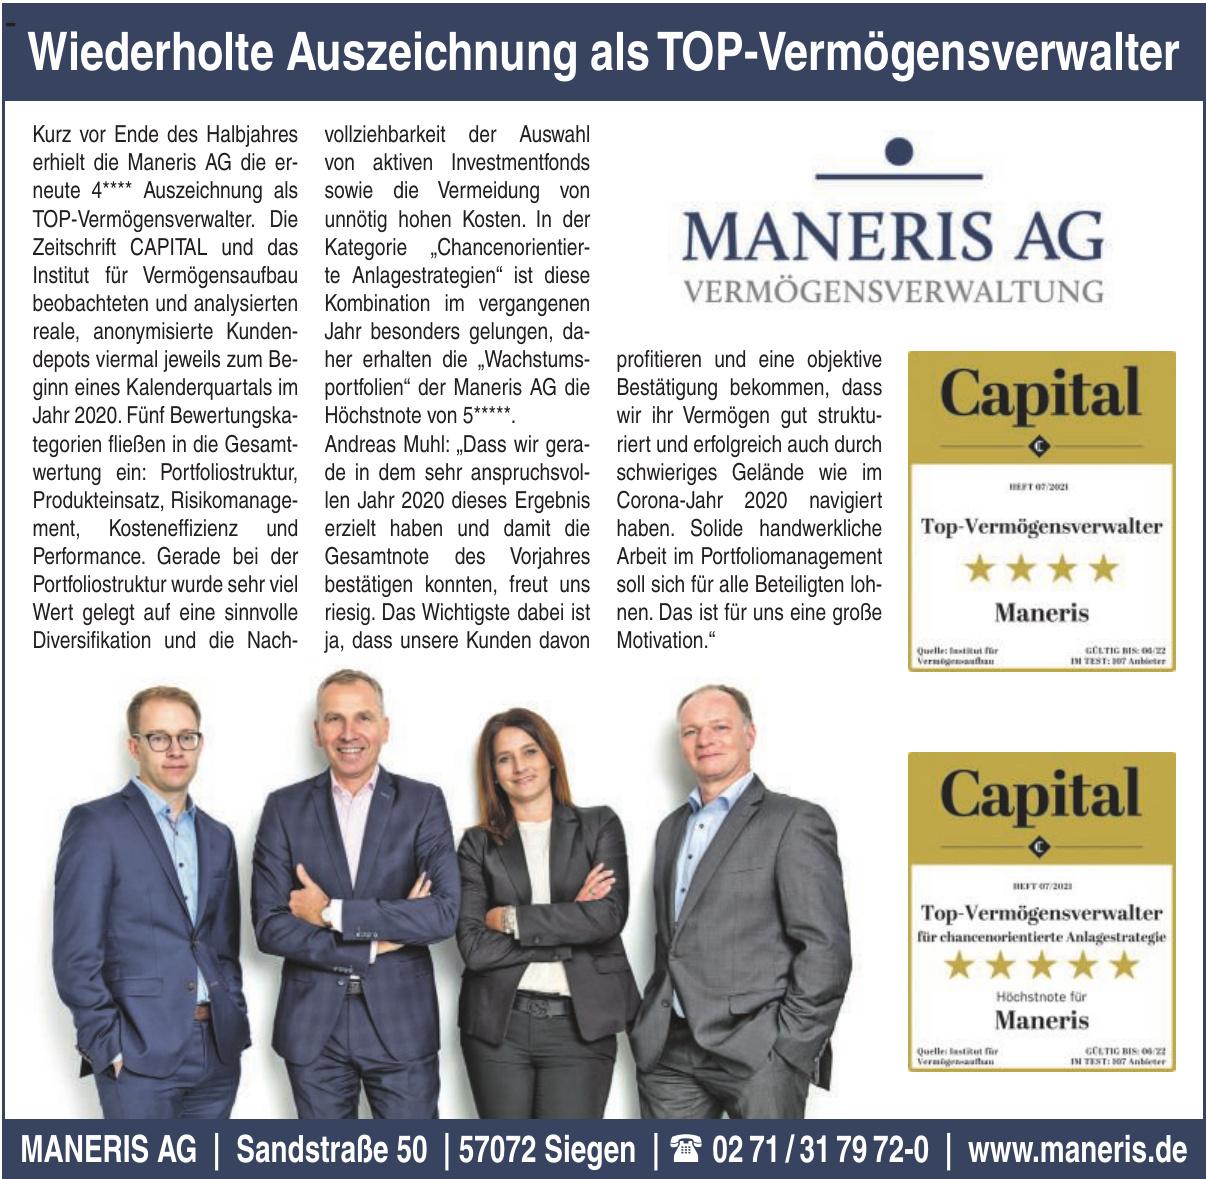 Maneris AG